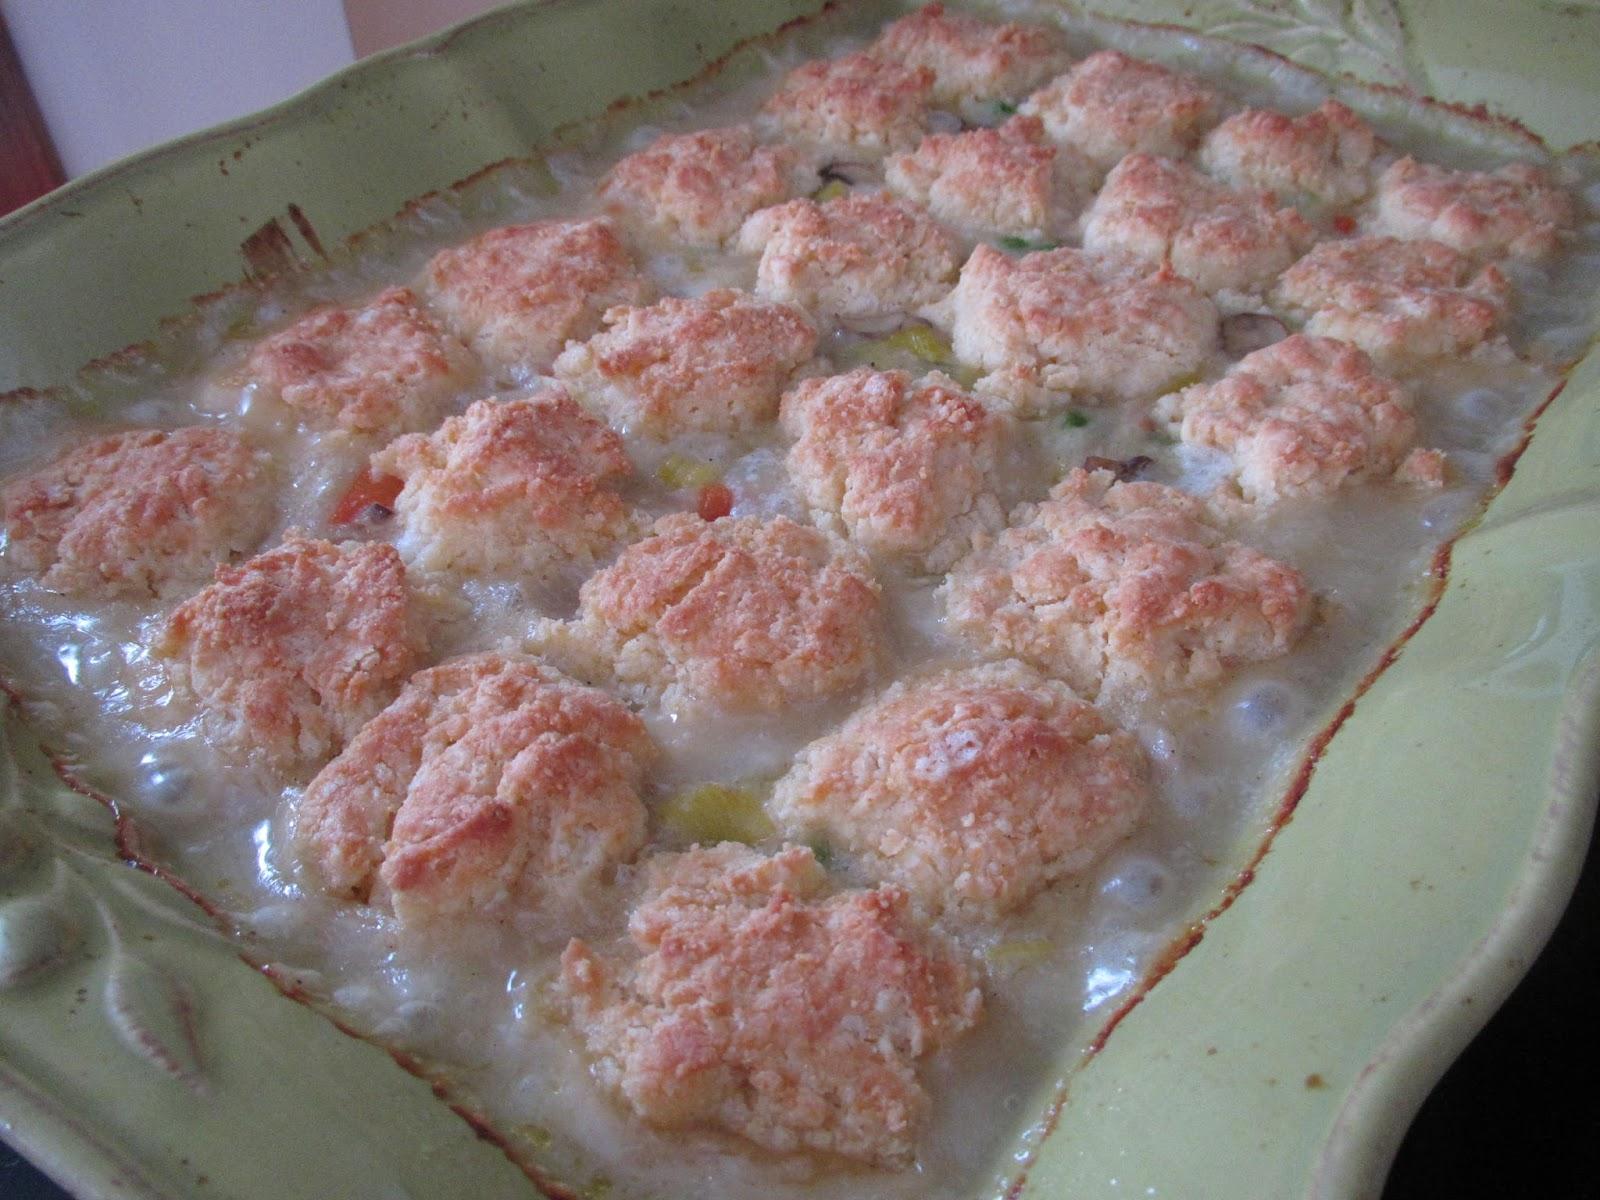 ... sugar free gluten free gluten free chicken schnitzel gluten free